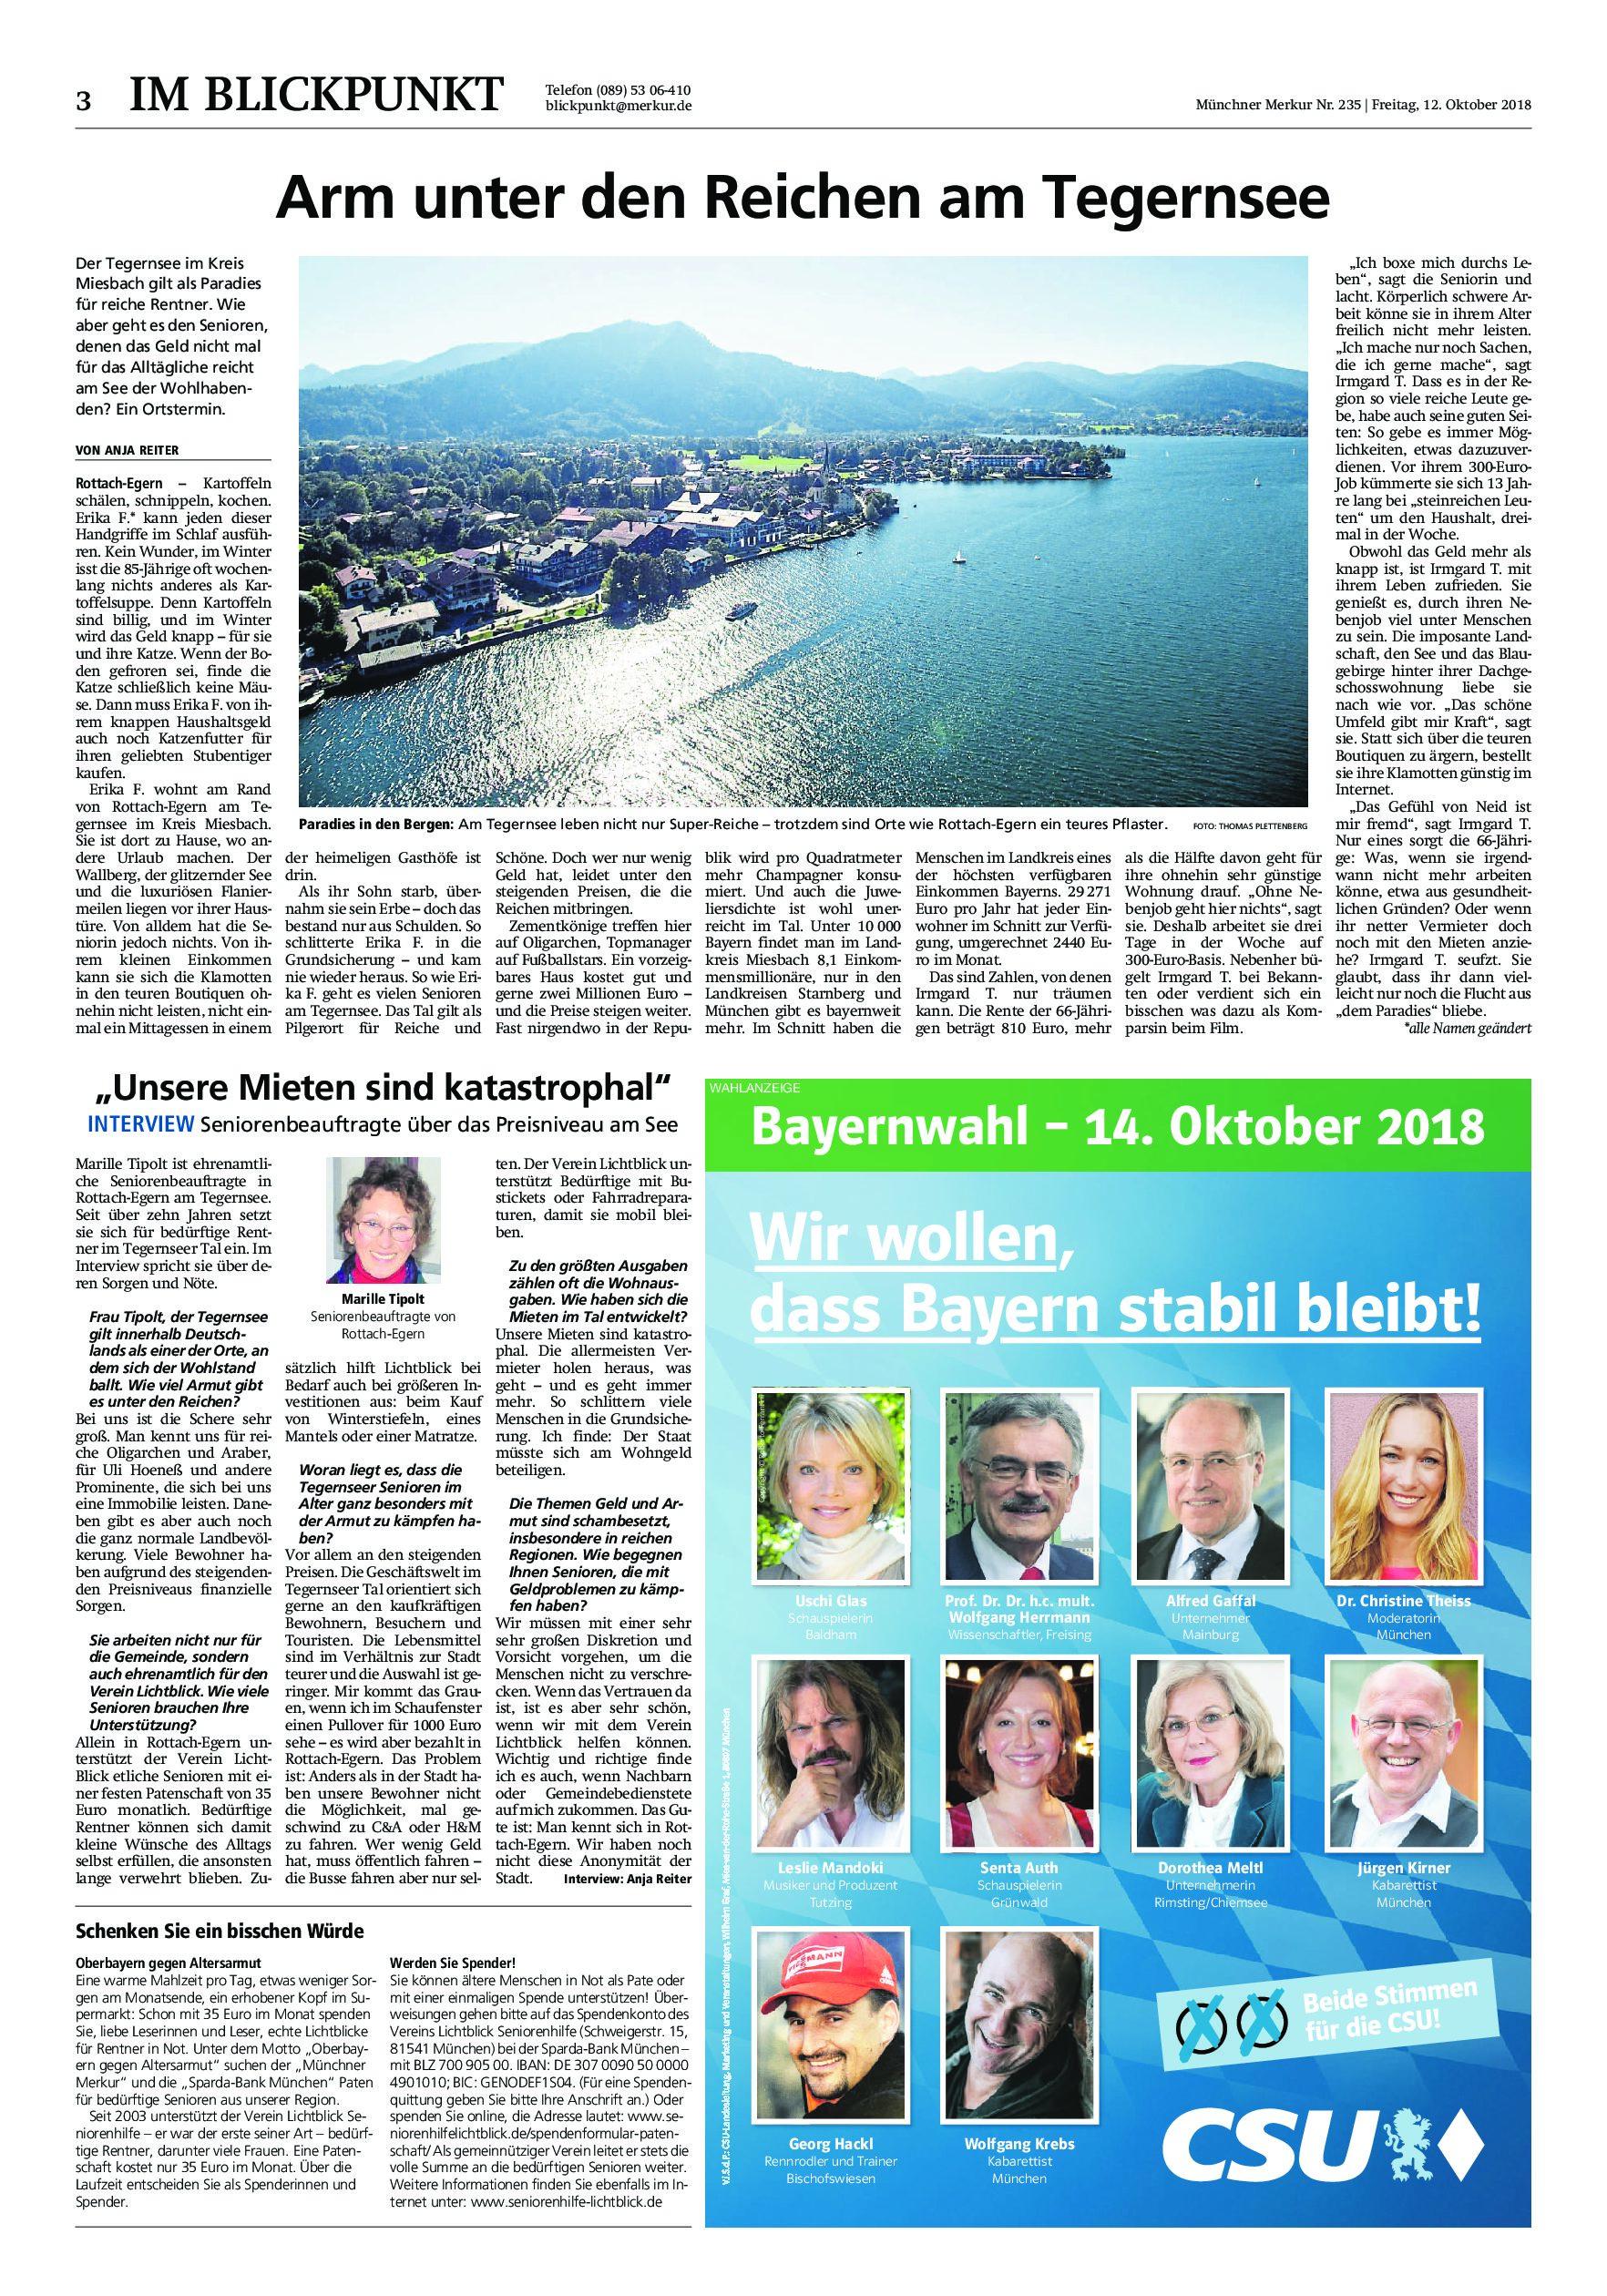 12.10.2018   MM   Arm unter den Reichen am Tegernsee